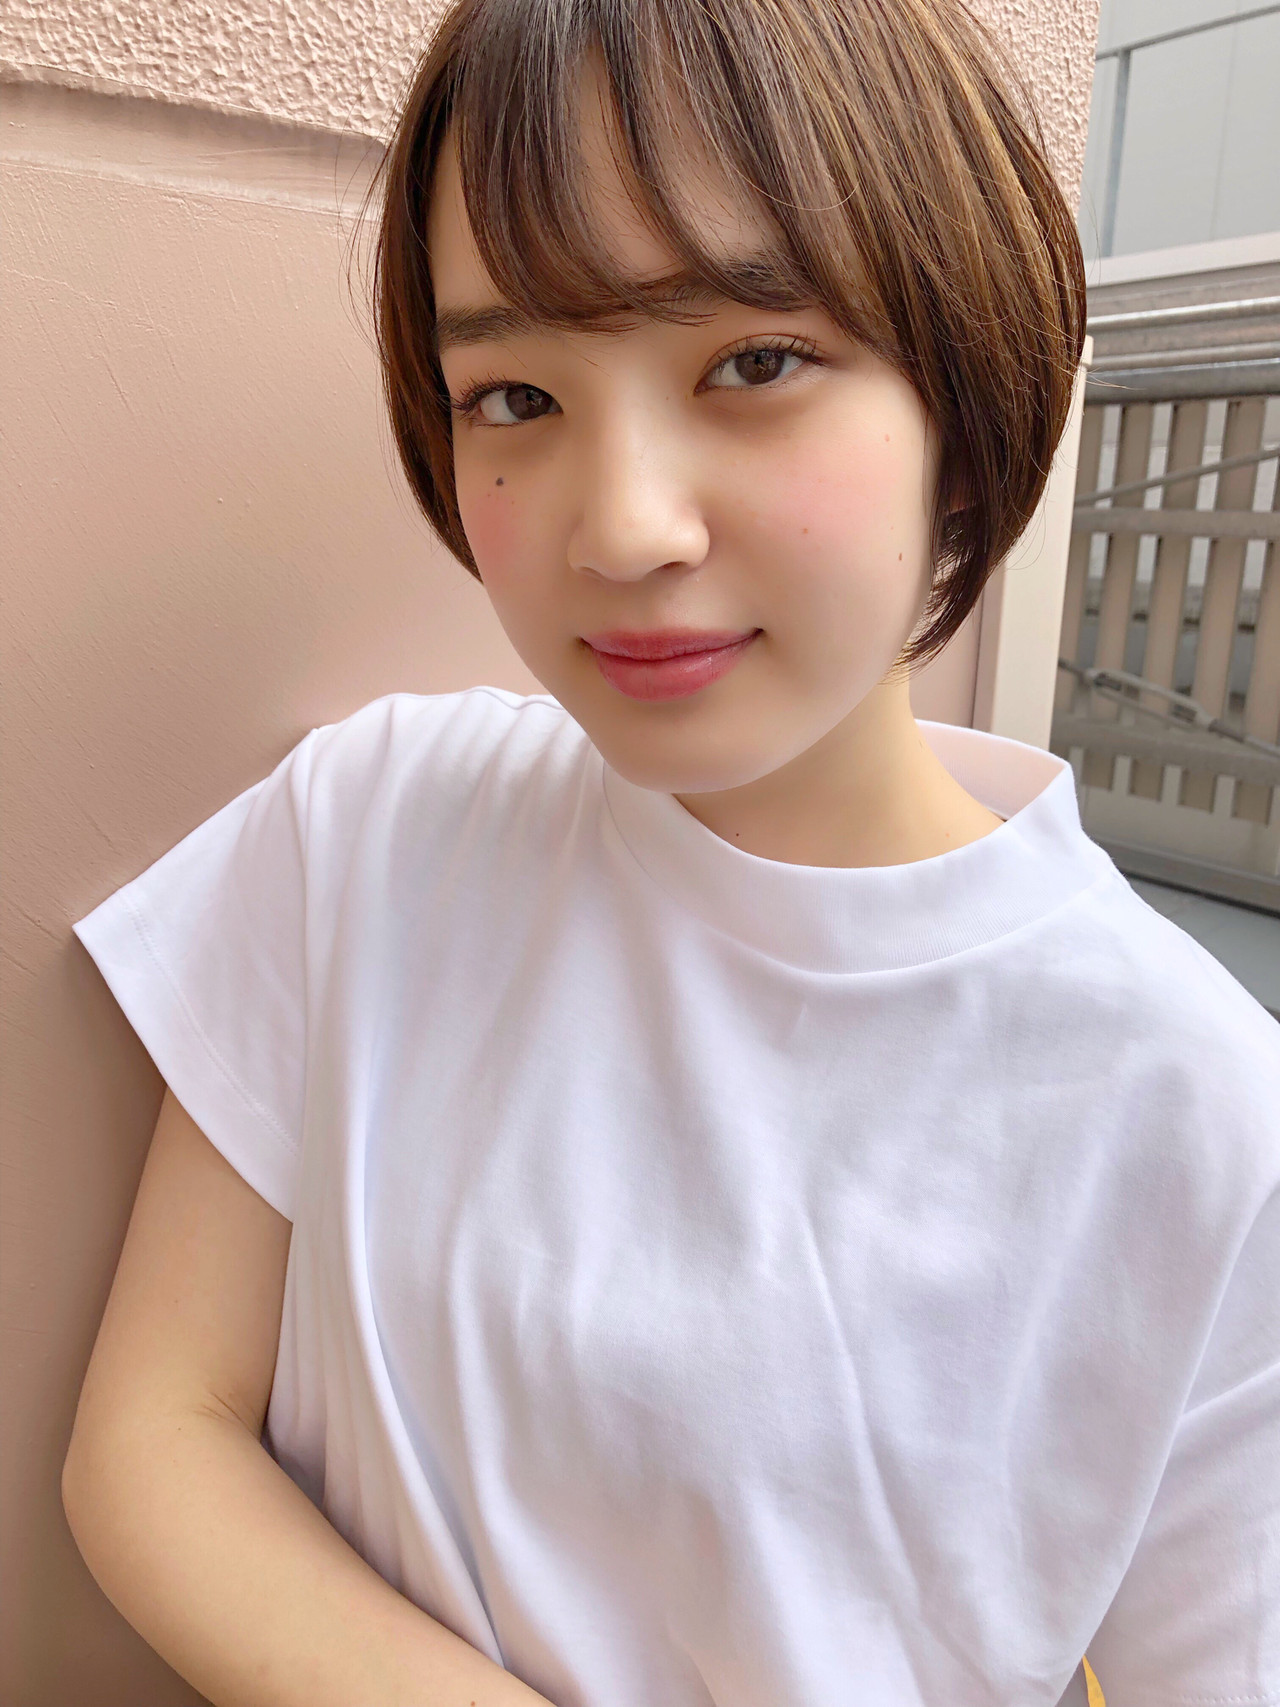 パーマ ナチュラル オフィス 簡単ヘアアレンジ ヘアスタイルや髪型の写真・画像 | ナガヤ アキラ joemi 新宿 / joemi by Un ami